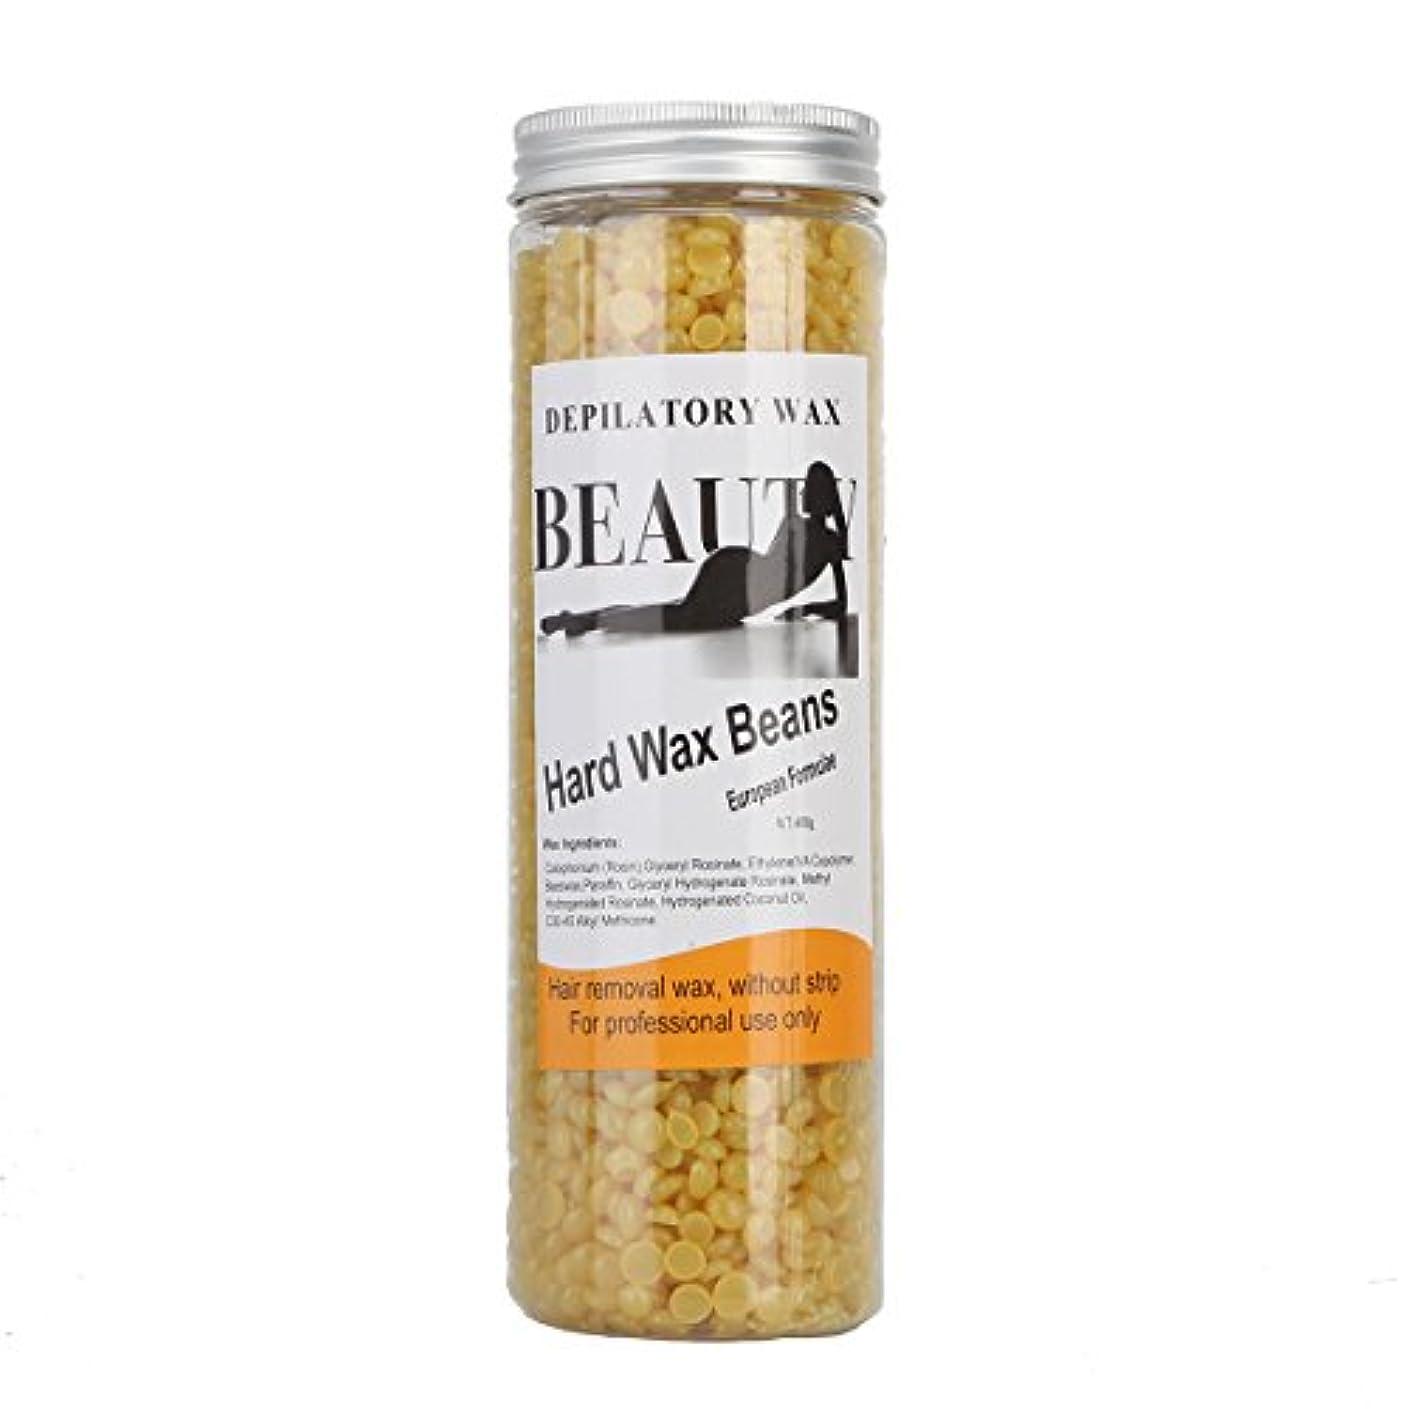 (アーニェメイ)Bonjanvye ワックス脱毛 スパチュラ 2本 ブラジリアンワックス 粒 400g 1缶 ワックス脱毛セット-ハチミツ